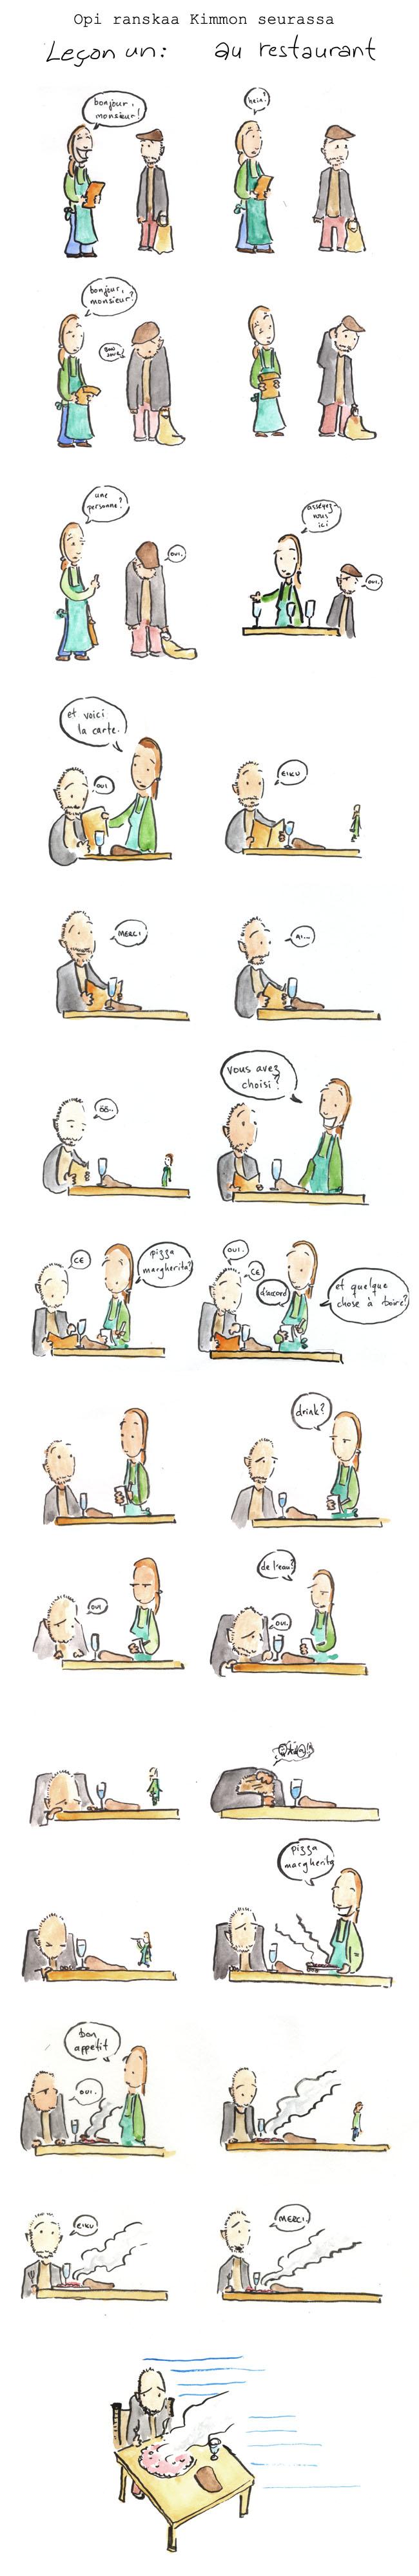 Opi ranskaa Kimmon seurassa